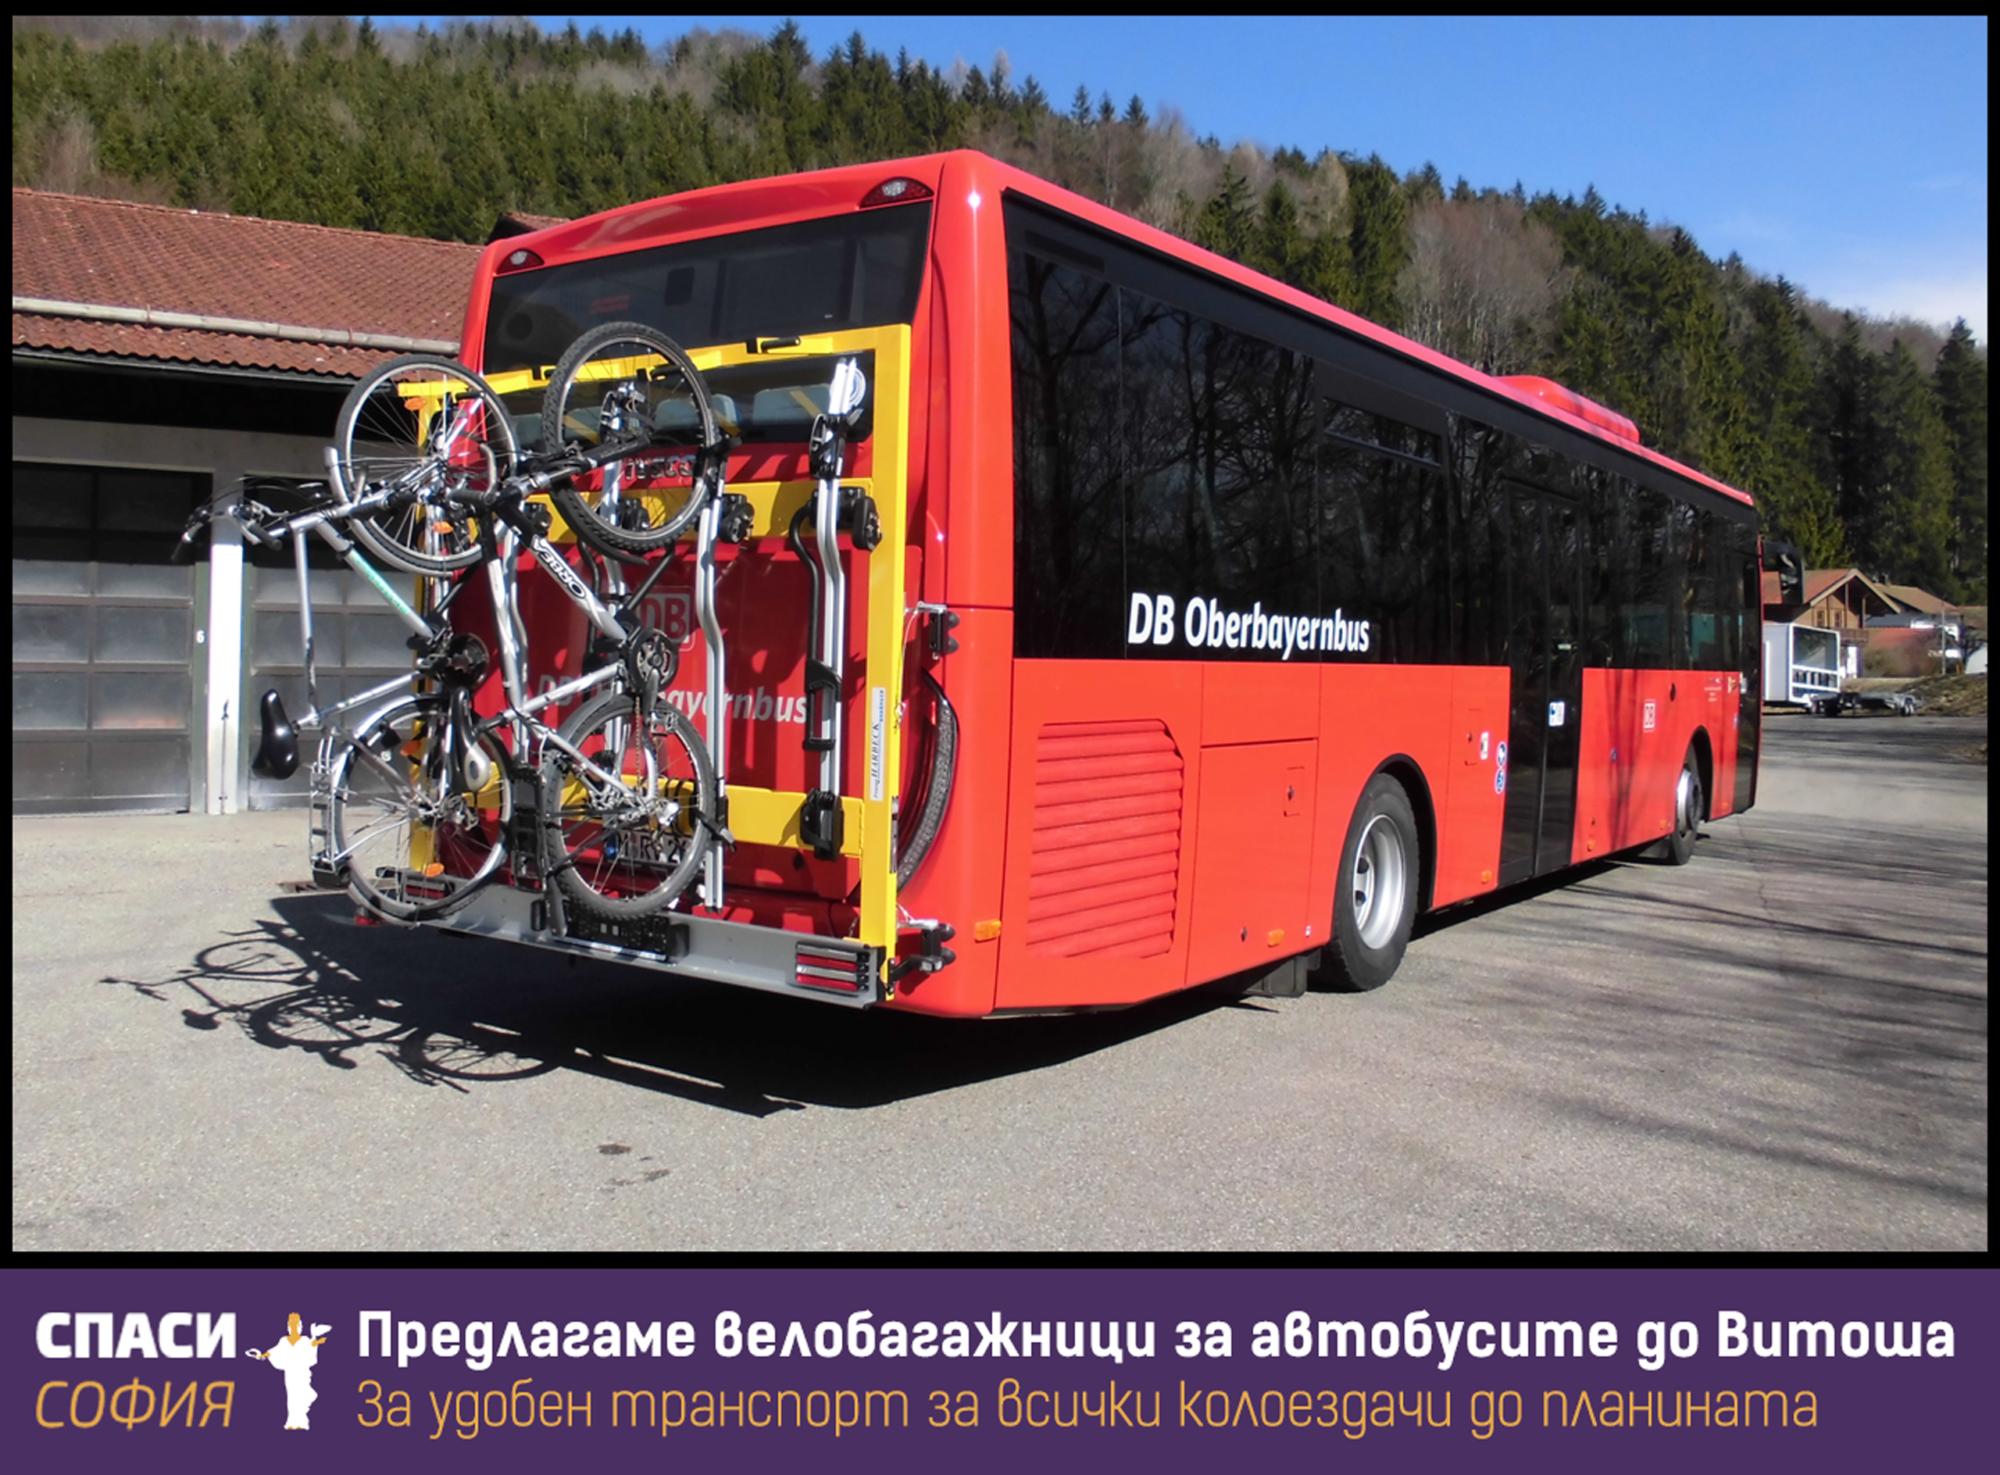 Доклад – поставяне на велобагажници за достъп до Витоша